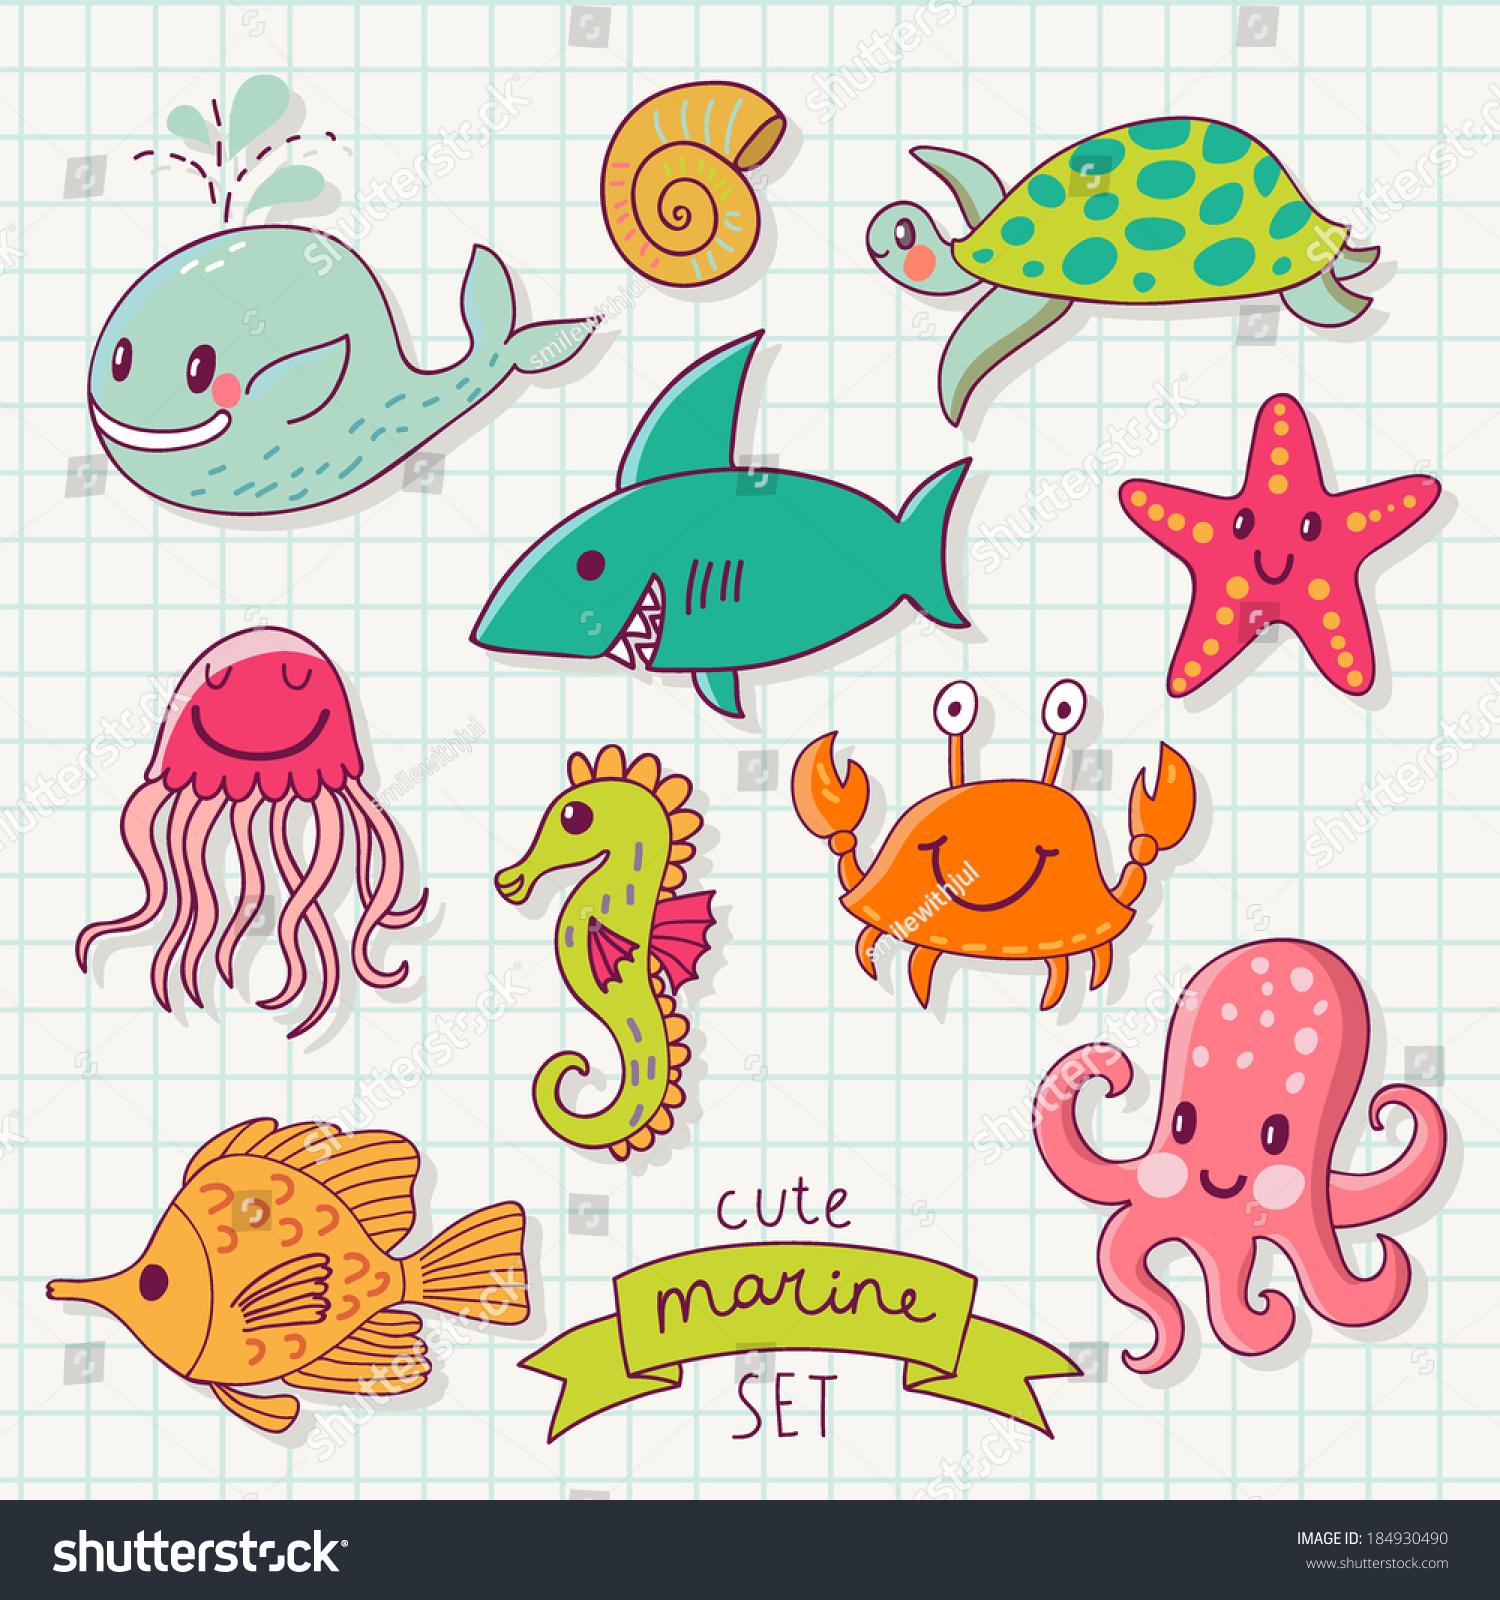 鲸鱼,章鱼,水母,鱼,海马,海龟,海星和螃蟹在卡通卡片